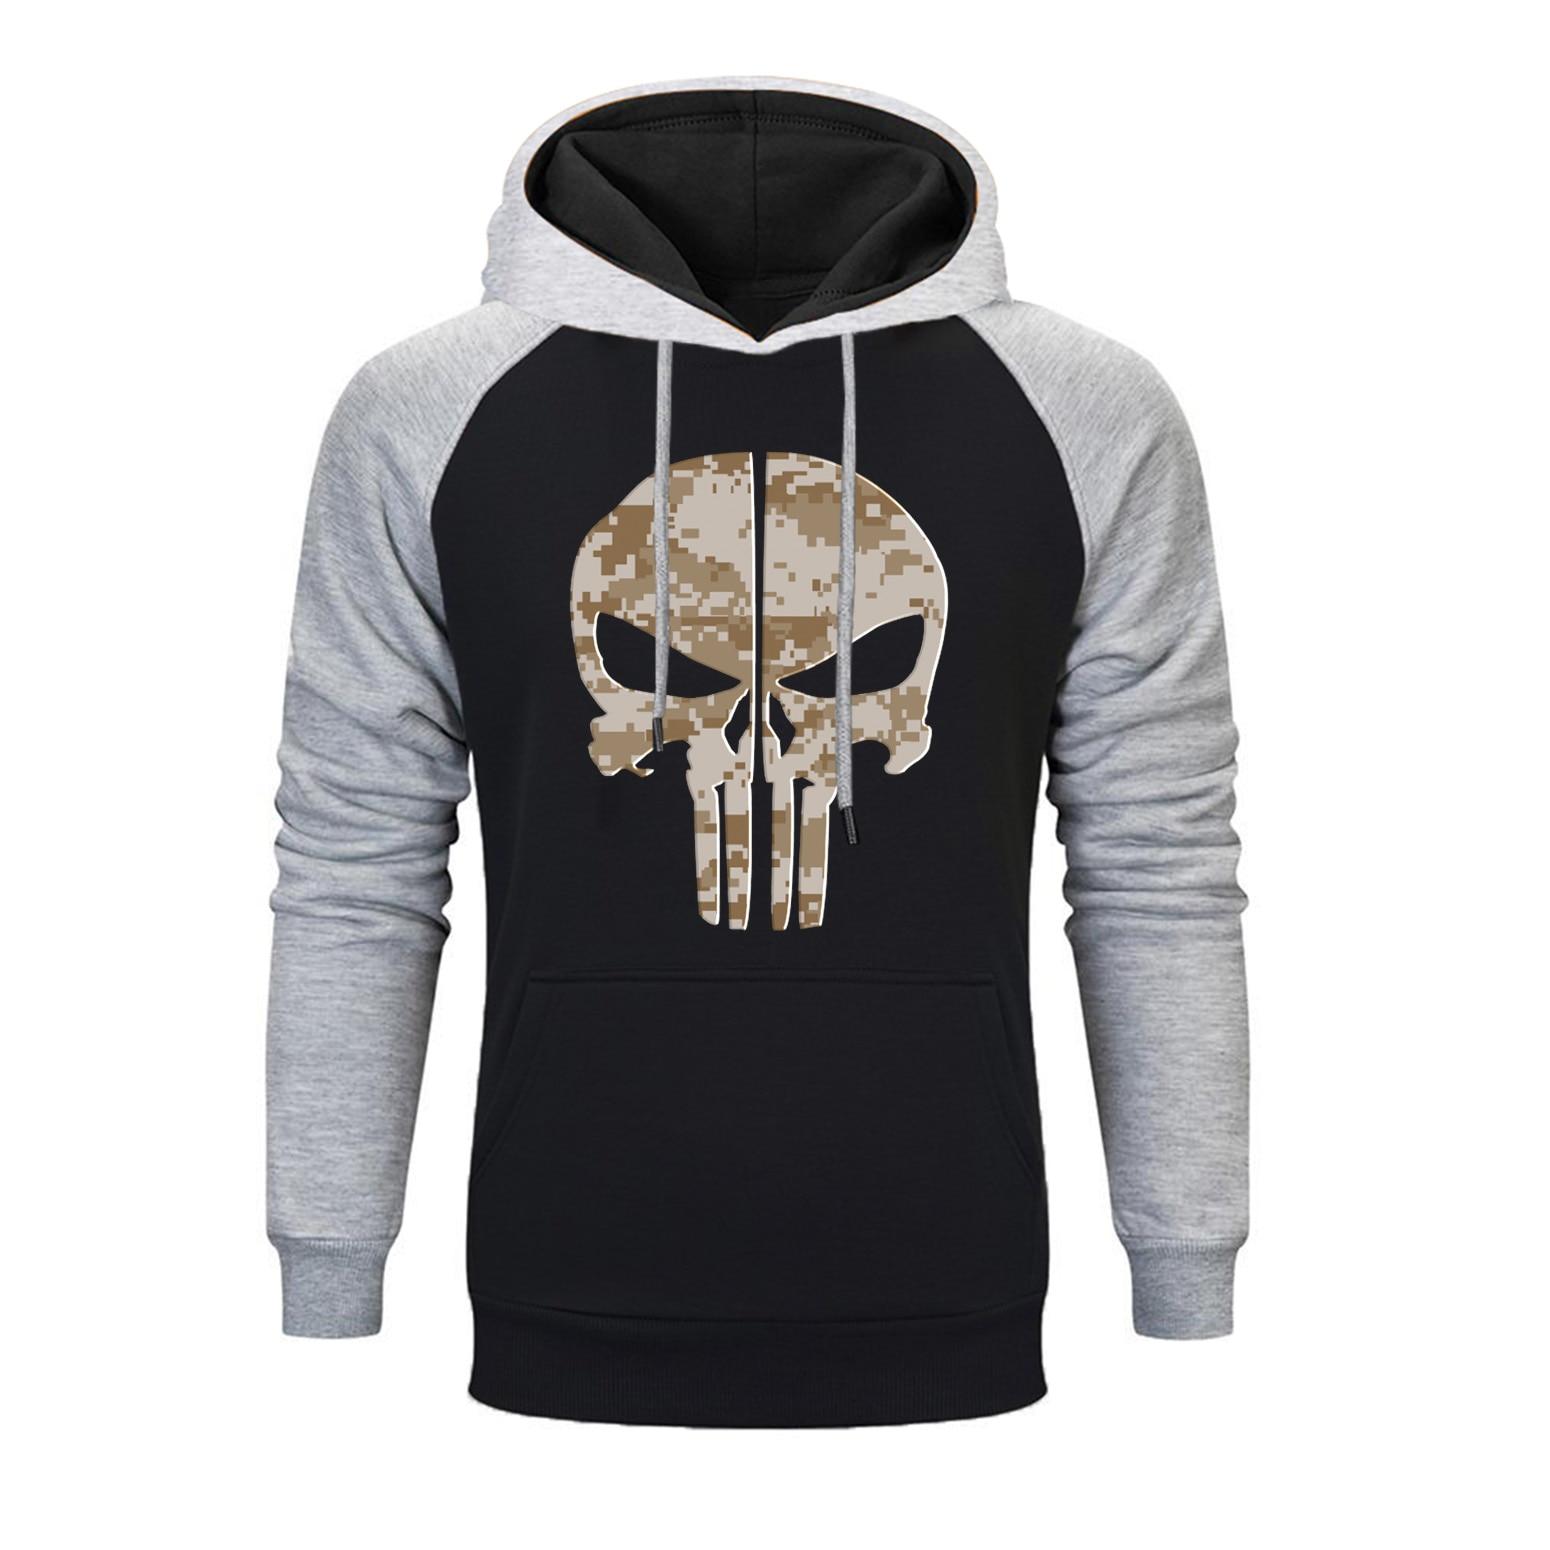 2019 novos crânios hoodies venda quente dos homens outono moda hoodies moletom dos homens hip hop inverno streetwear pullover sportwear topo